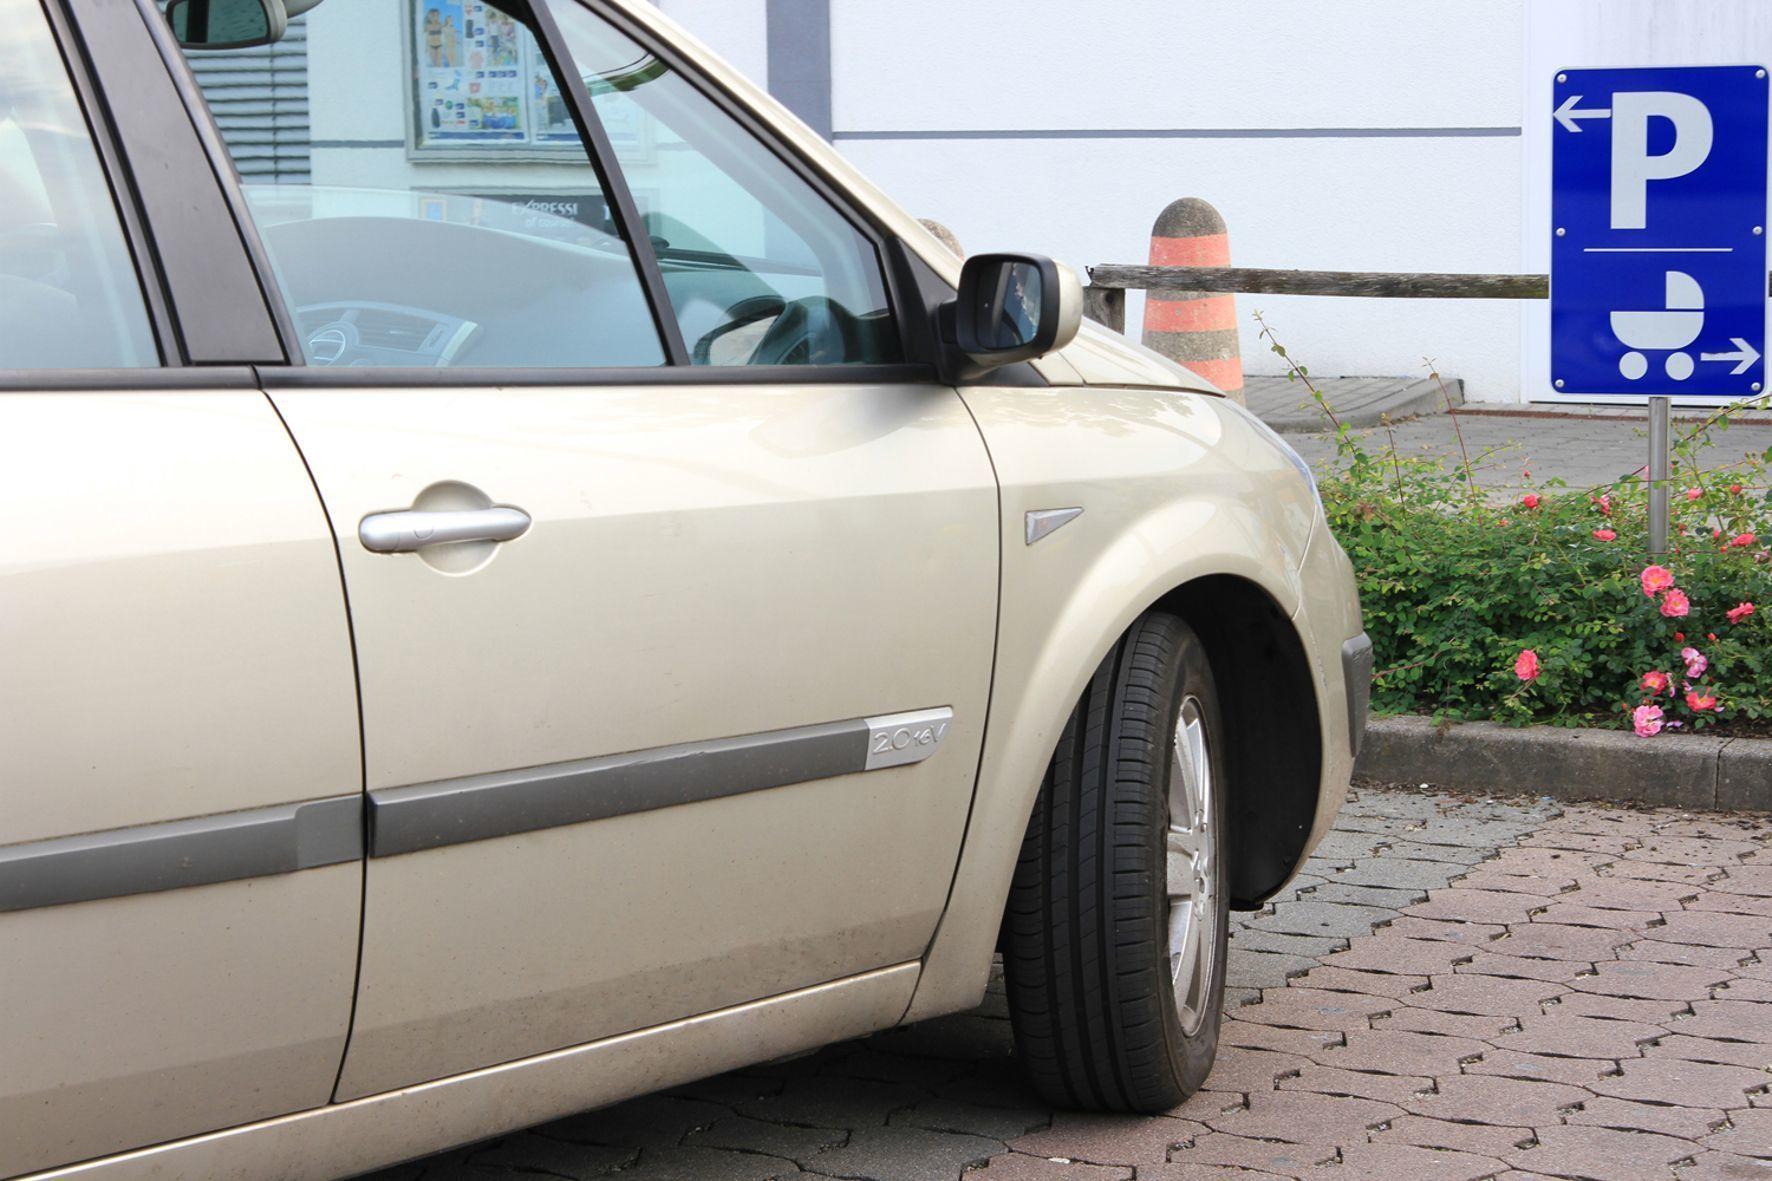 mid Groß-Gerau - Mutter-Kind-Parkplätze dürfen auch Väter und Tanten benutzen, die mit kleinen Kindern unterwegs sind.